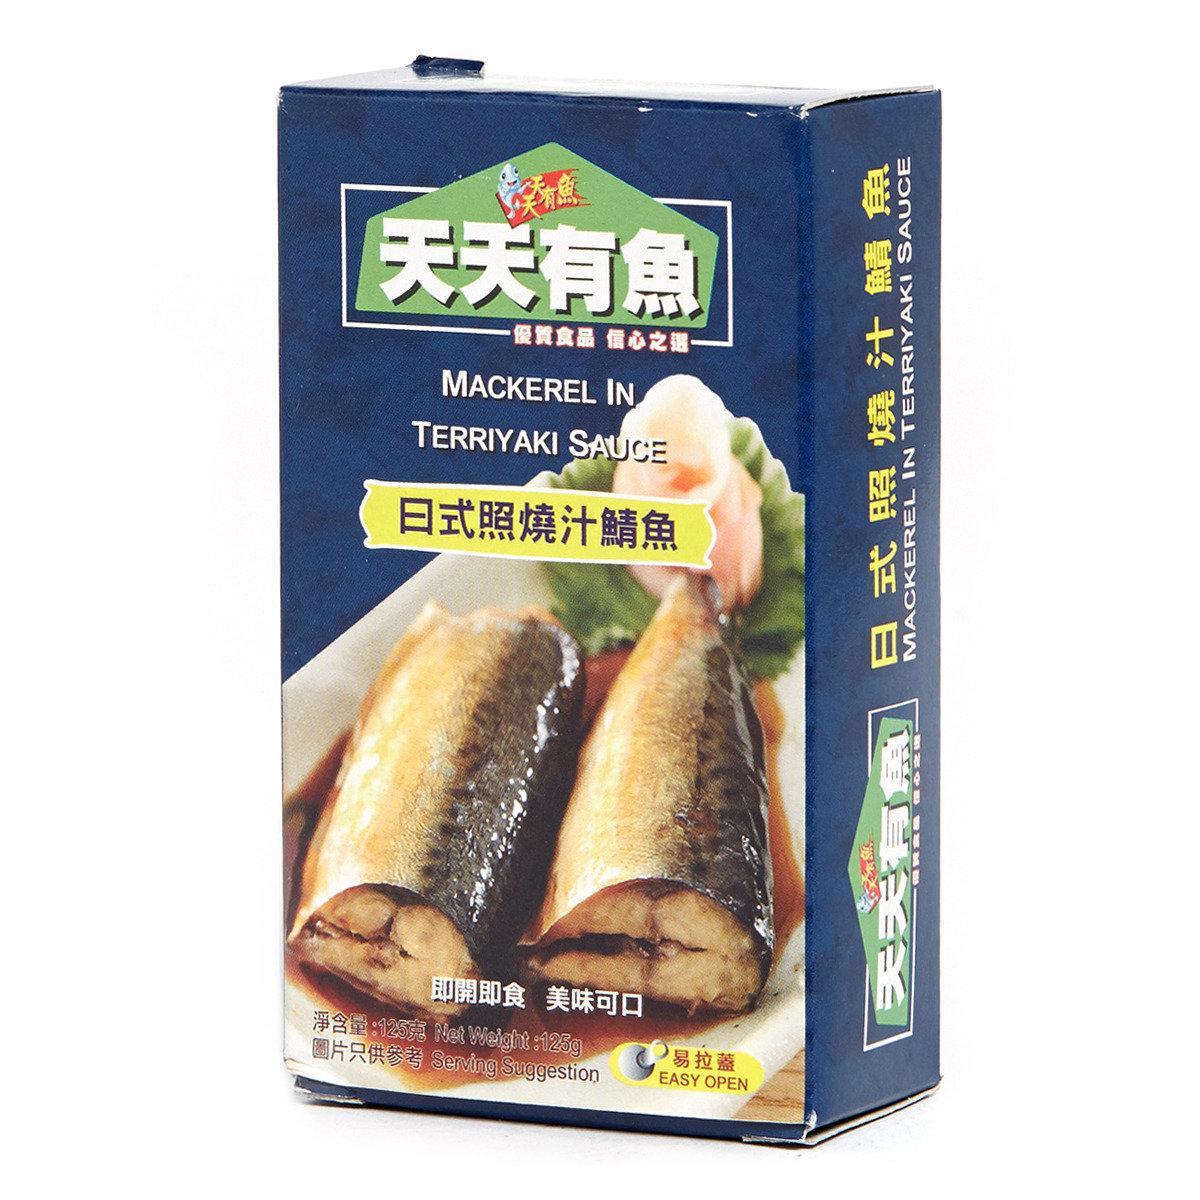 日式照燒汁鯖魚